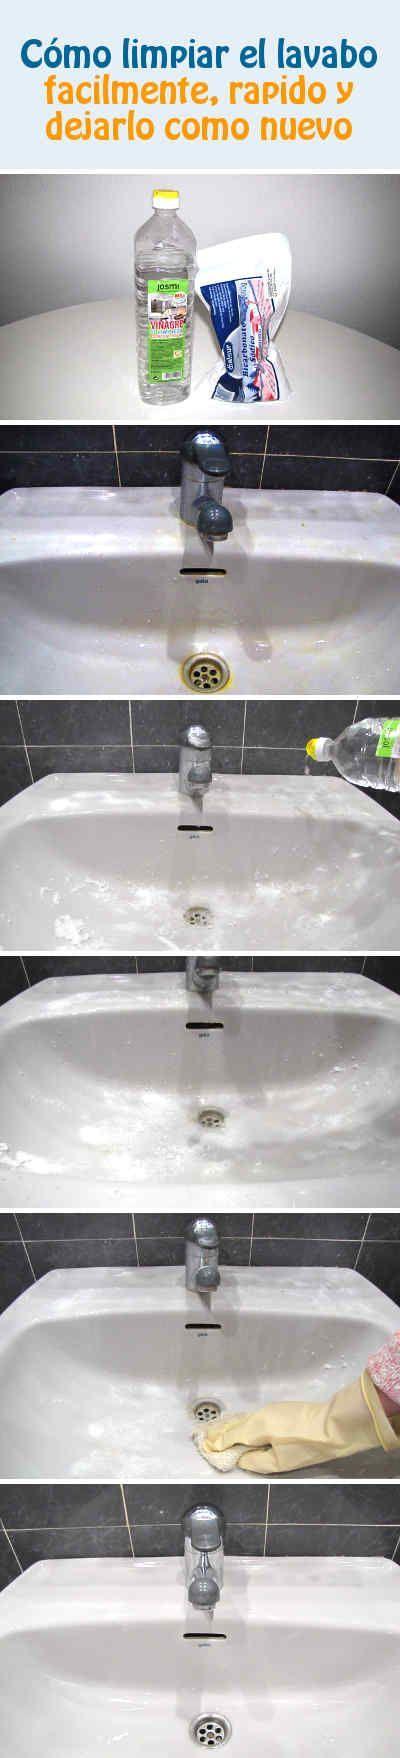 Cómo limpiar el lavabo facilmente, rápido y dejarlo como nuevo ...